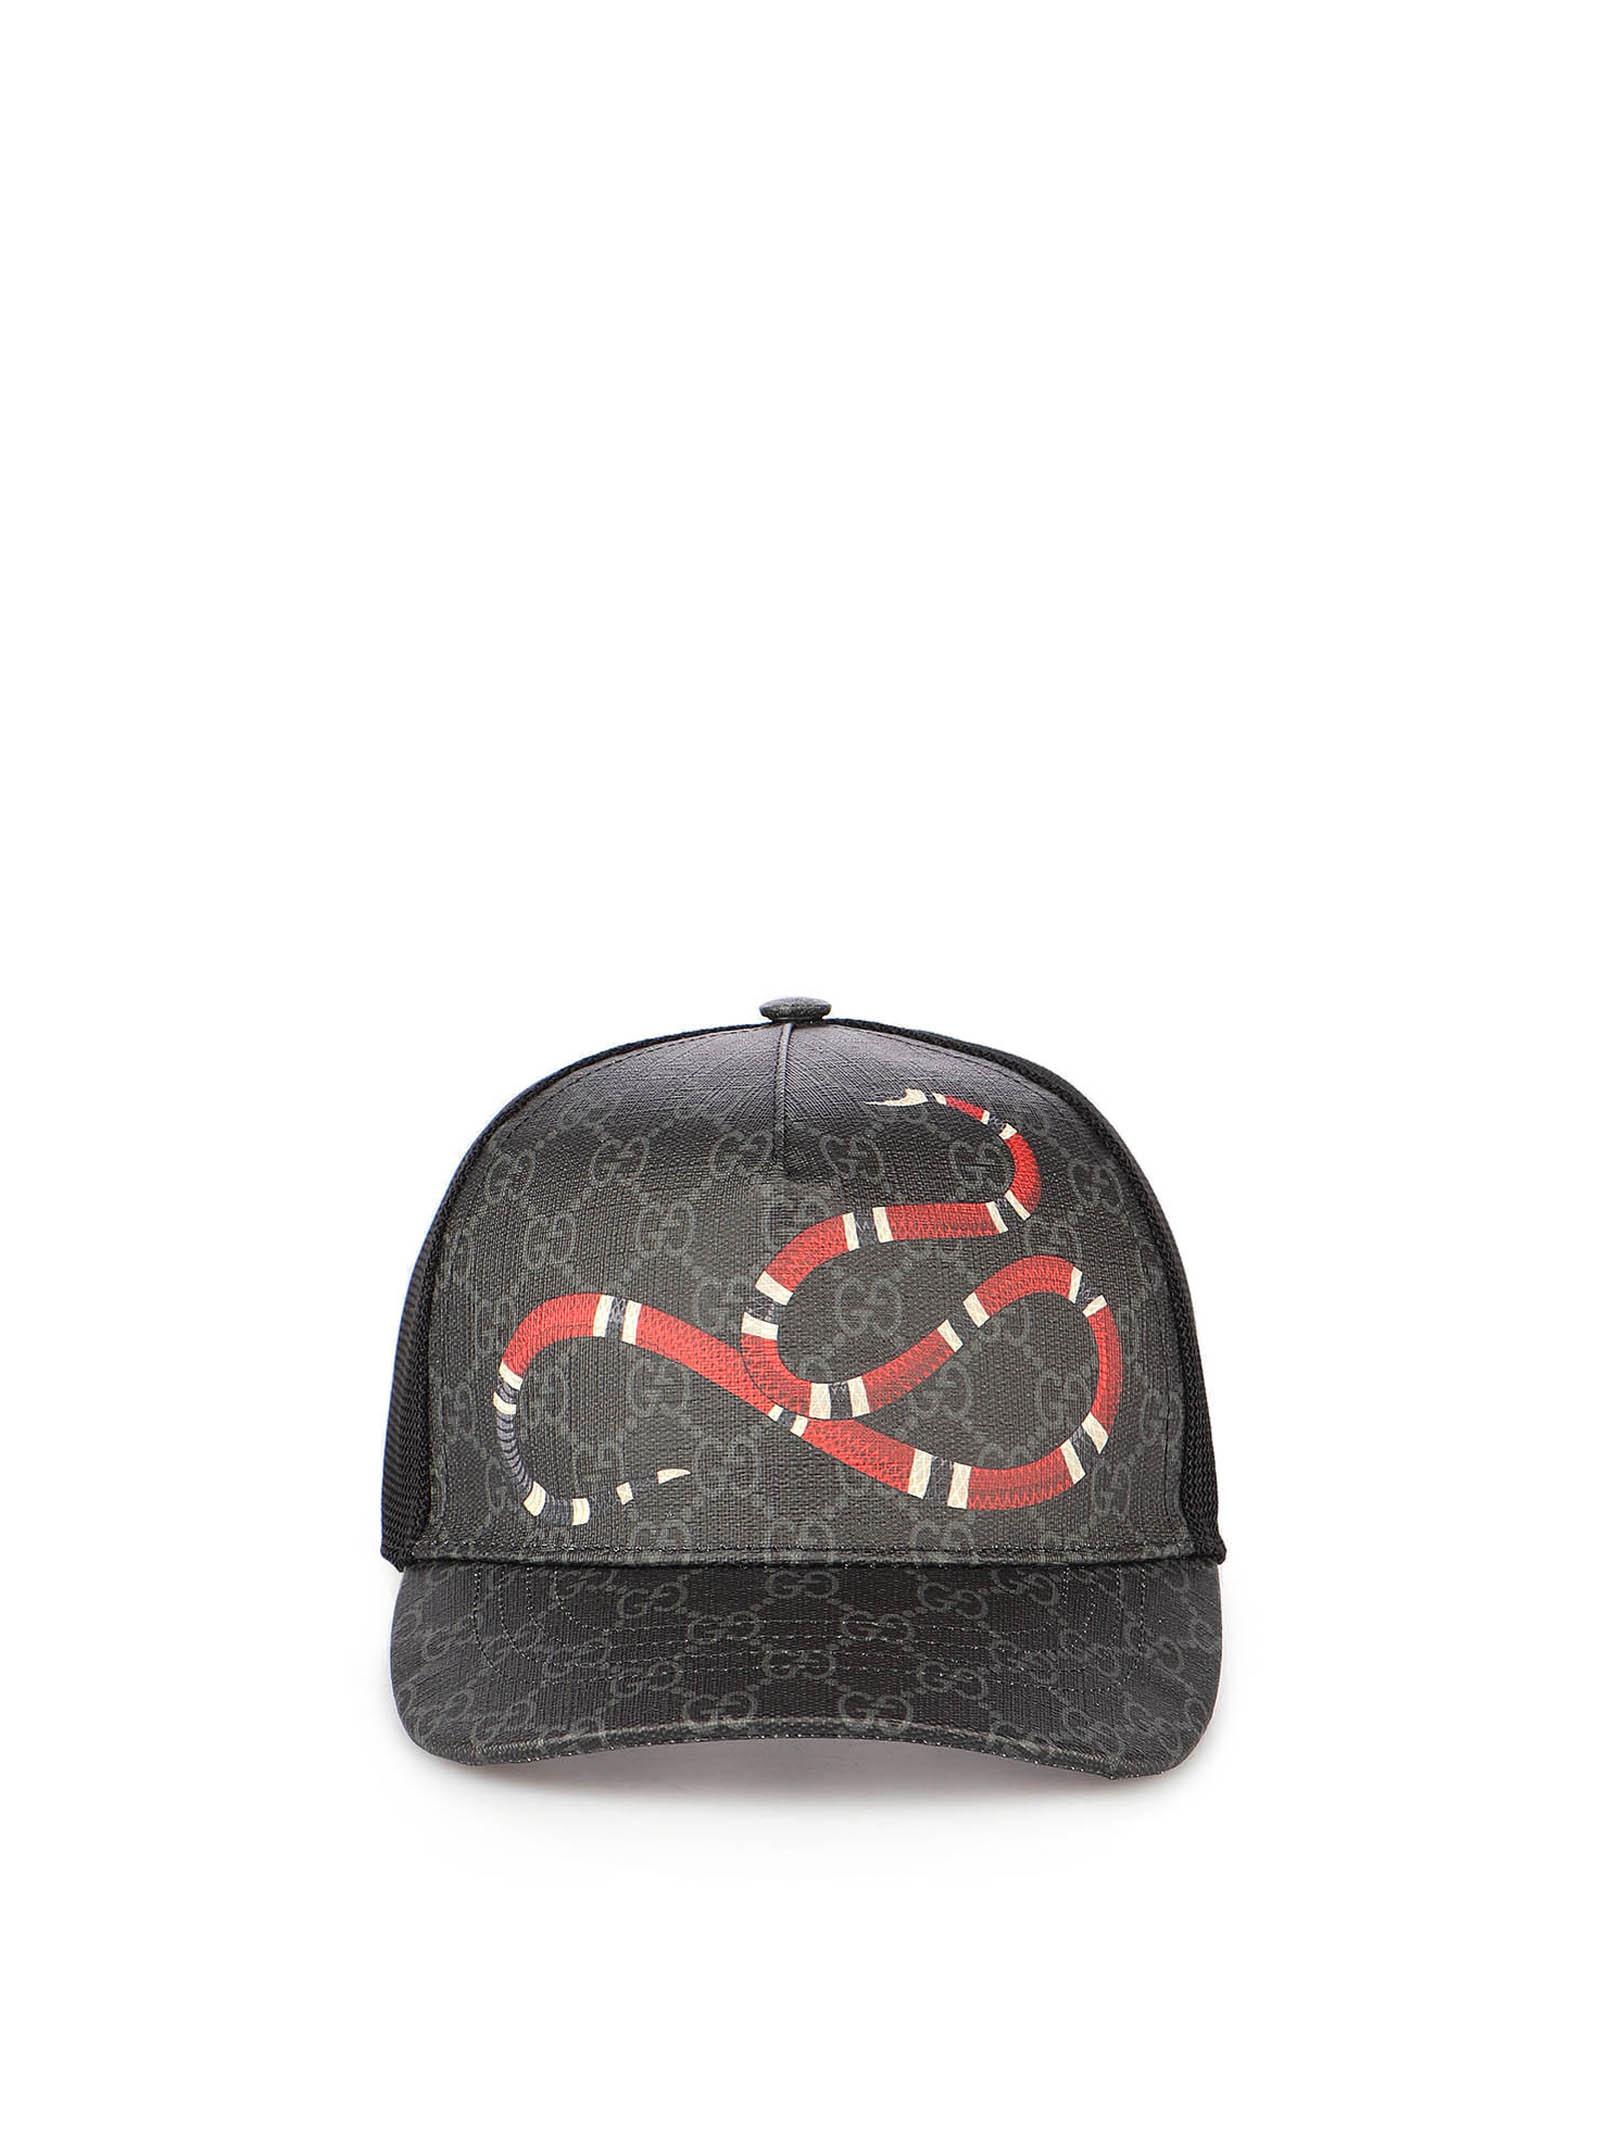 Immagine di Gucci | Kingsnake Print Gg Supreme Baseball Hat